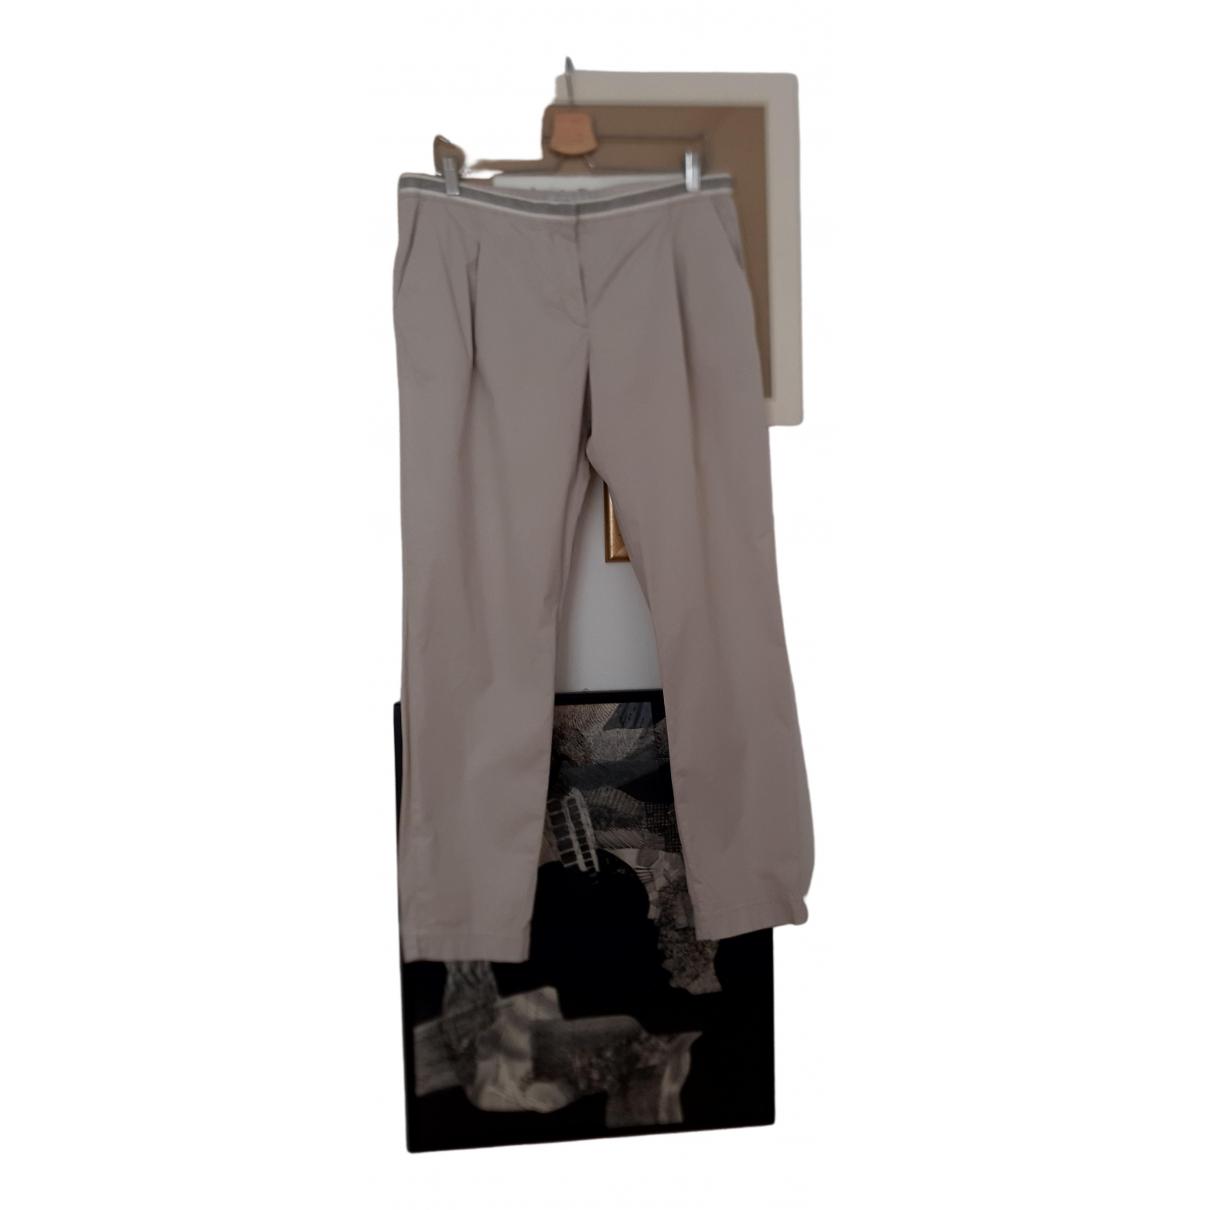 Pantalon recto Fabiana Filippi